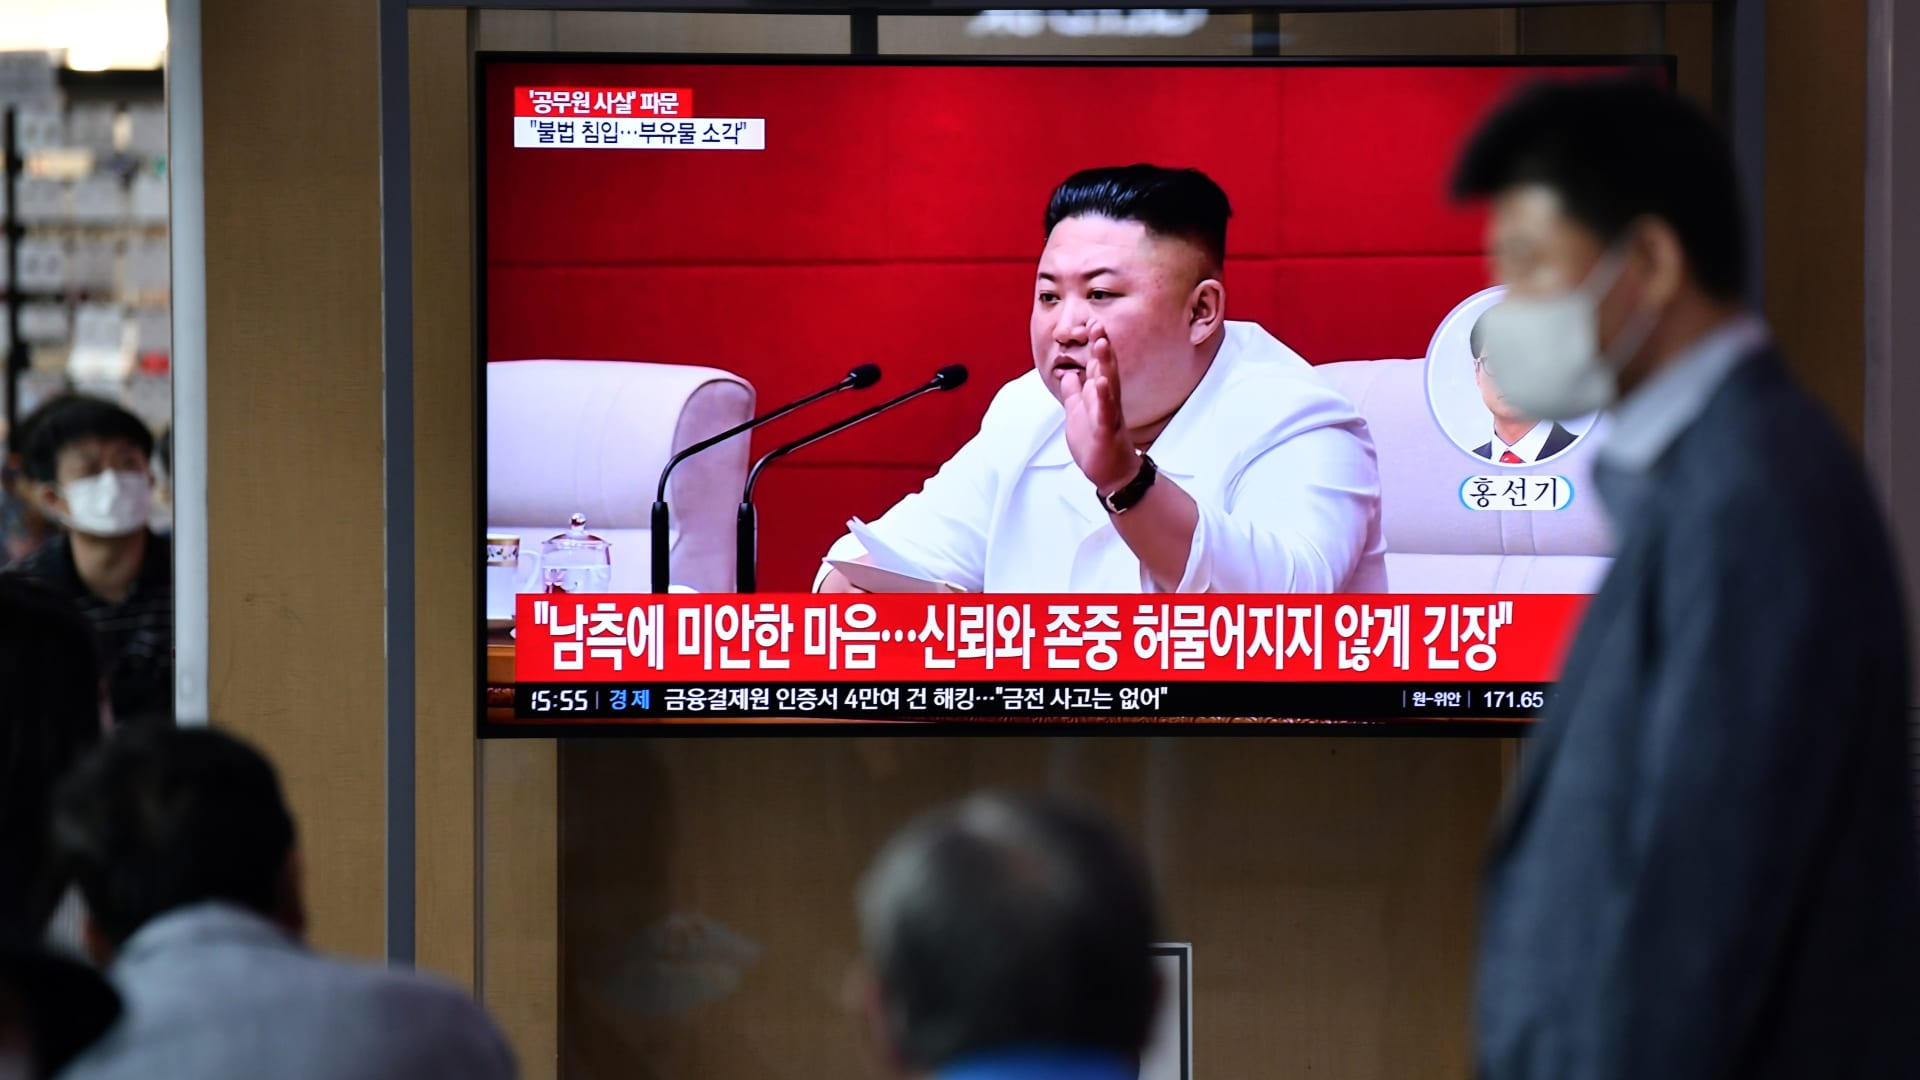 اعتراف نادر من زعيم كوريا الشمالية بنقص الغذاء.. وكيم يحذر